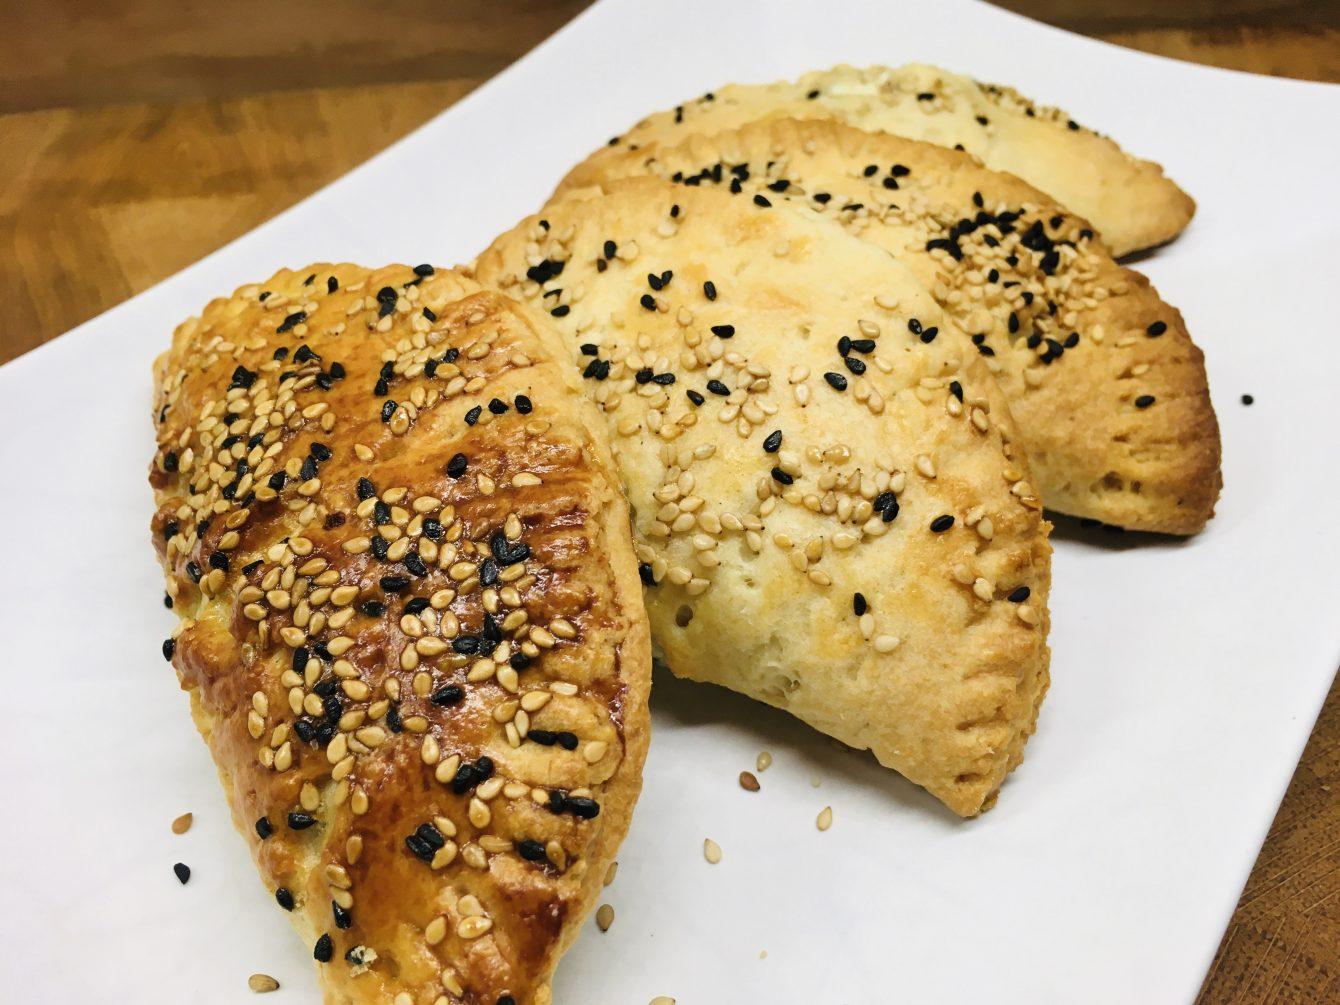 Tiropitakia Kourou – Griechische gefüllte Teigtaschen mit Feta-Käse